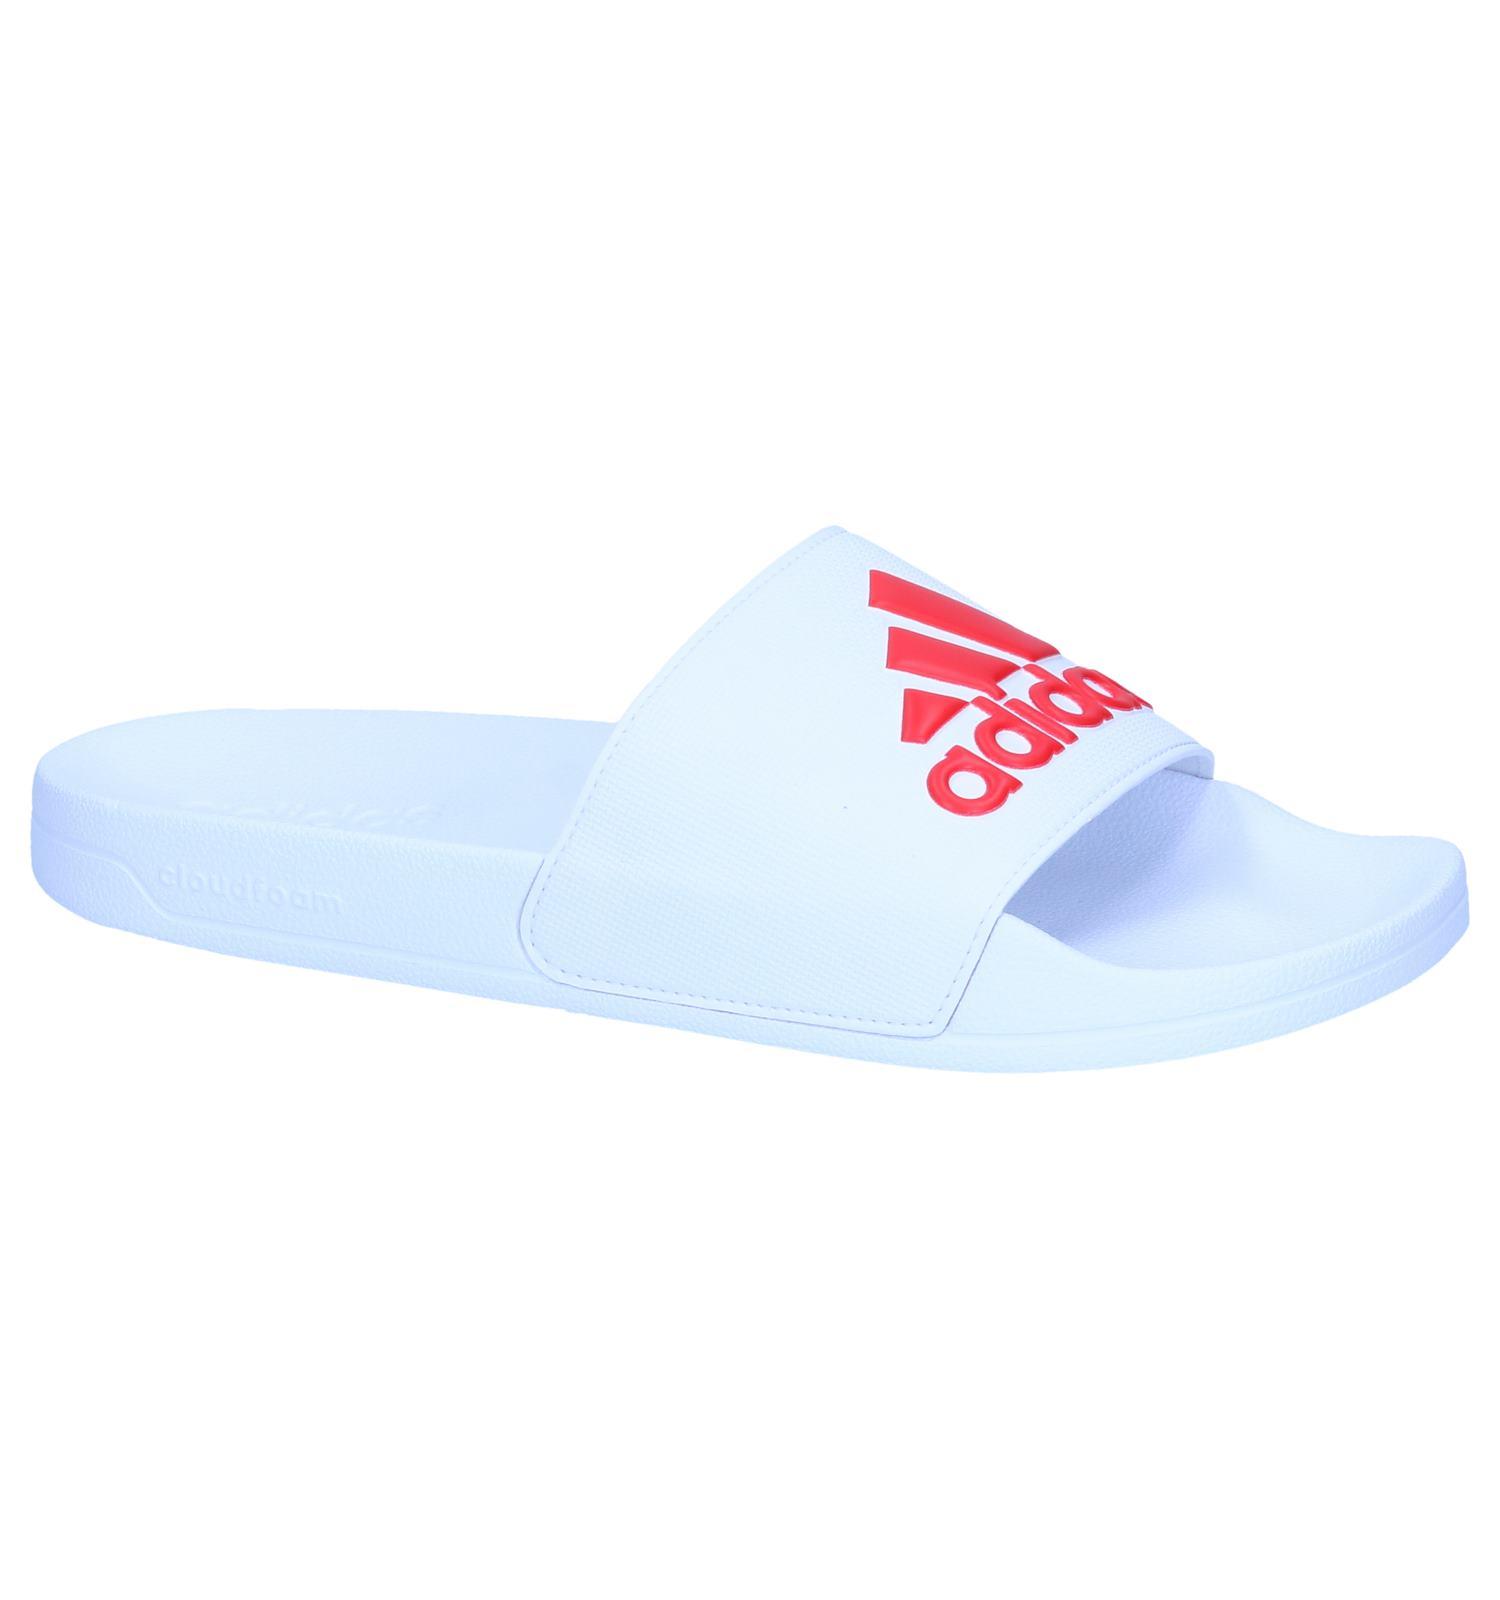 first rate 9eb10 5ef17 adidas Sandales de bain (Blanc)  TORFS.BE  Livraison et retour gratuits